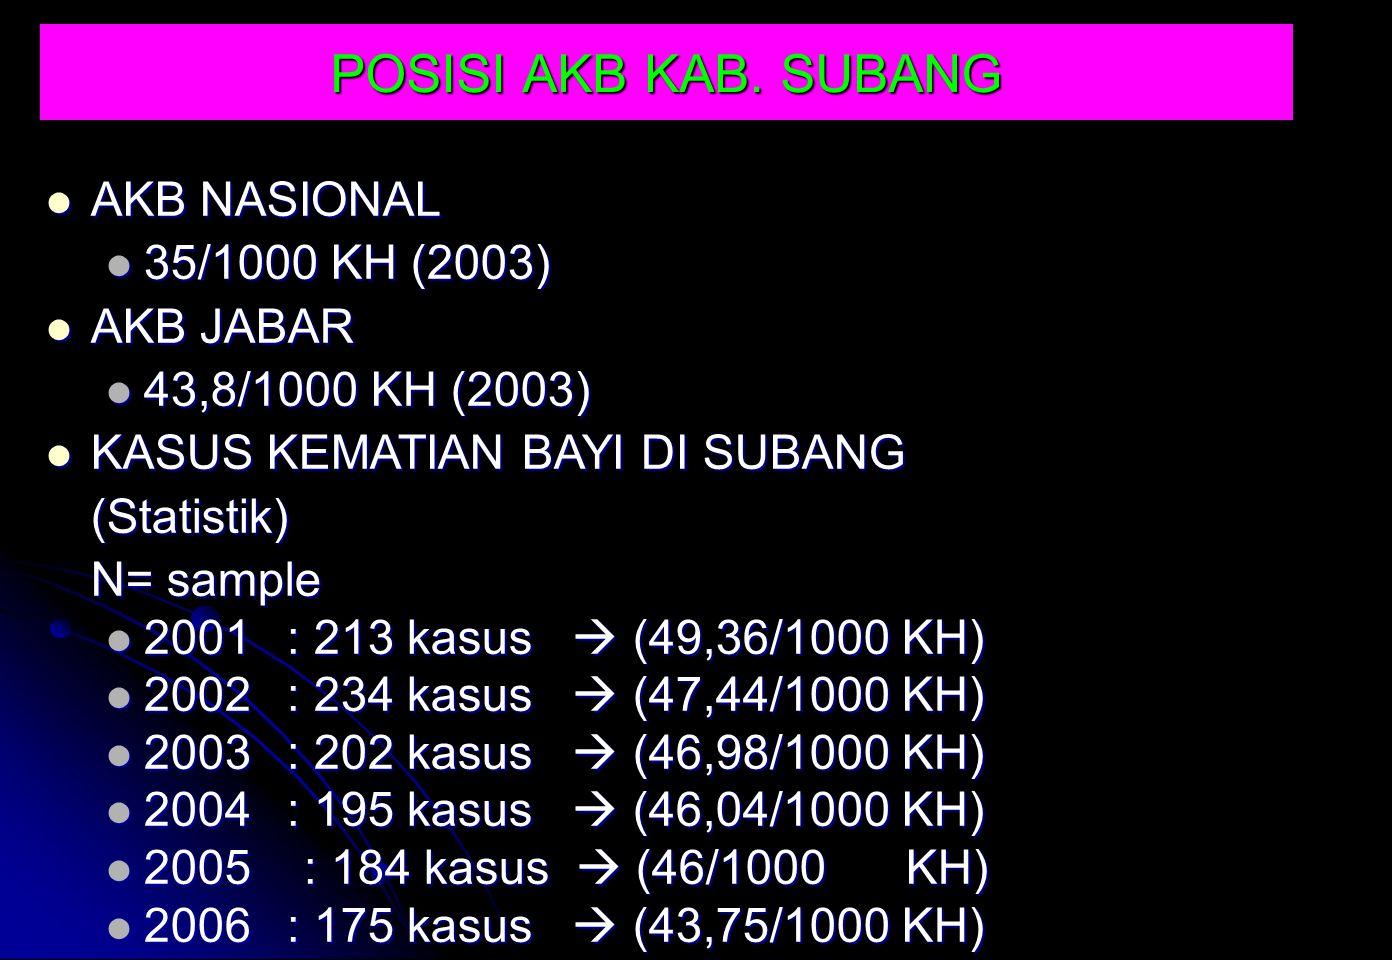 AKB NASIONAL AKB NASIONAL 35/1000 KH (2003) 35/1000 KH (2003) AKB JABAR AKB JABAR 43,8/1000 KH (2003) 43,8/1000 KH (2003) KASUS KEMATIAN BAYI DI SUBAN